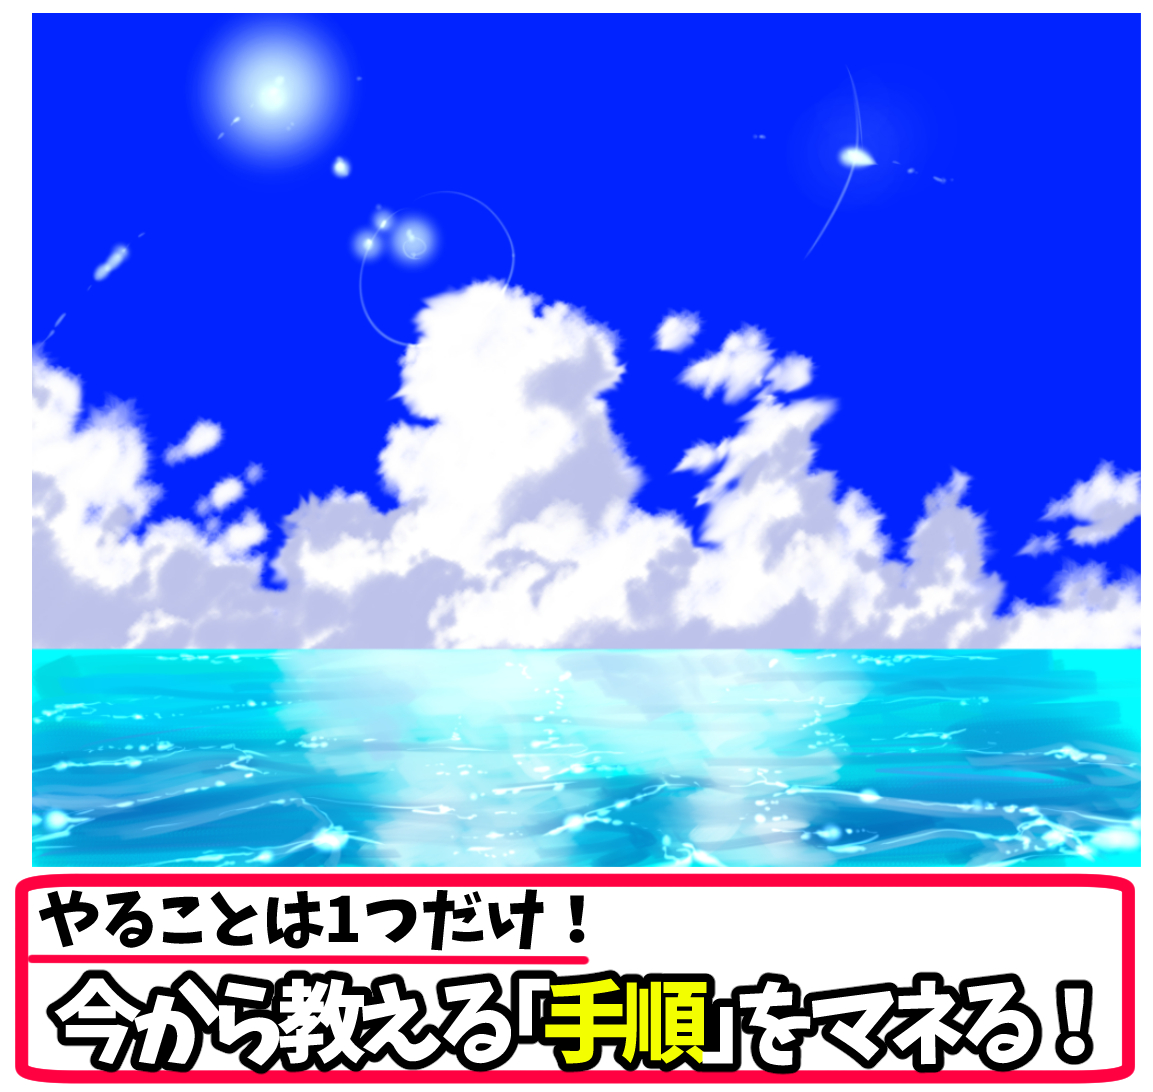 雲と空の描き方】夏空イラストの背景が10倍上達する【入道雲の絵を描く2